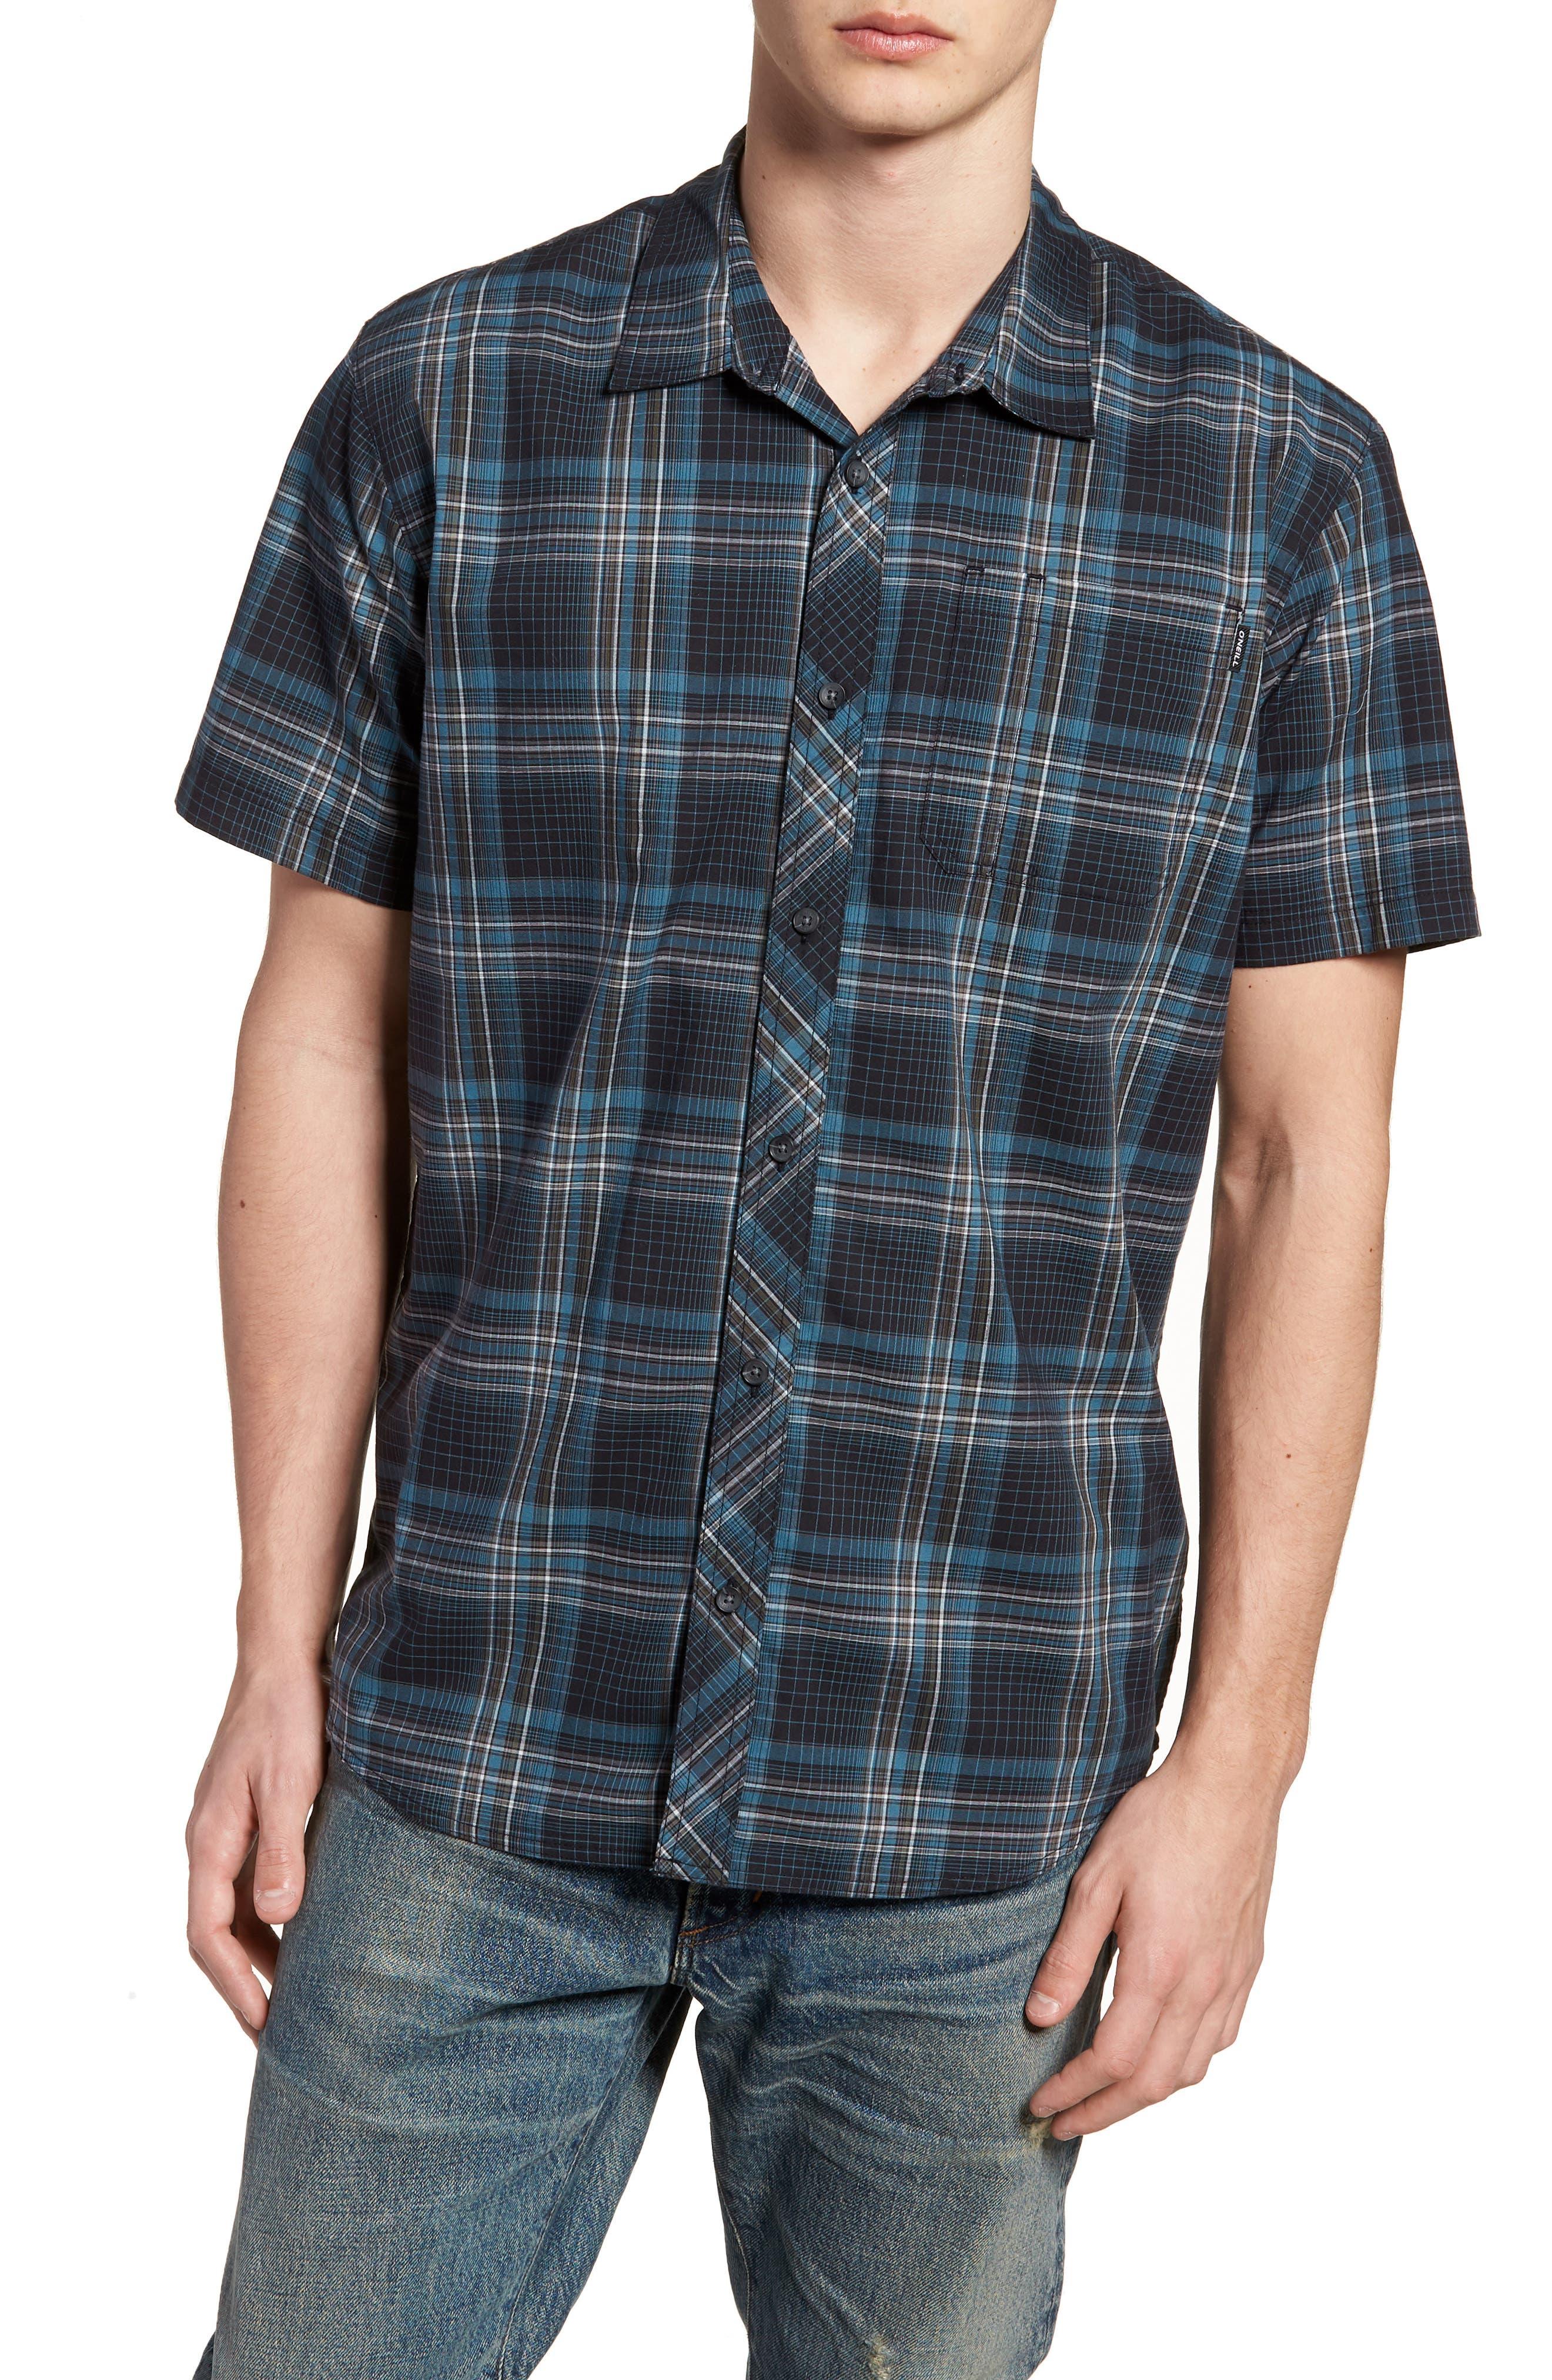 O'Neill Gentry Short Sleeve Shirt